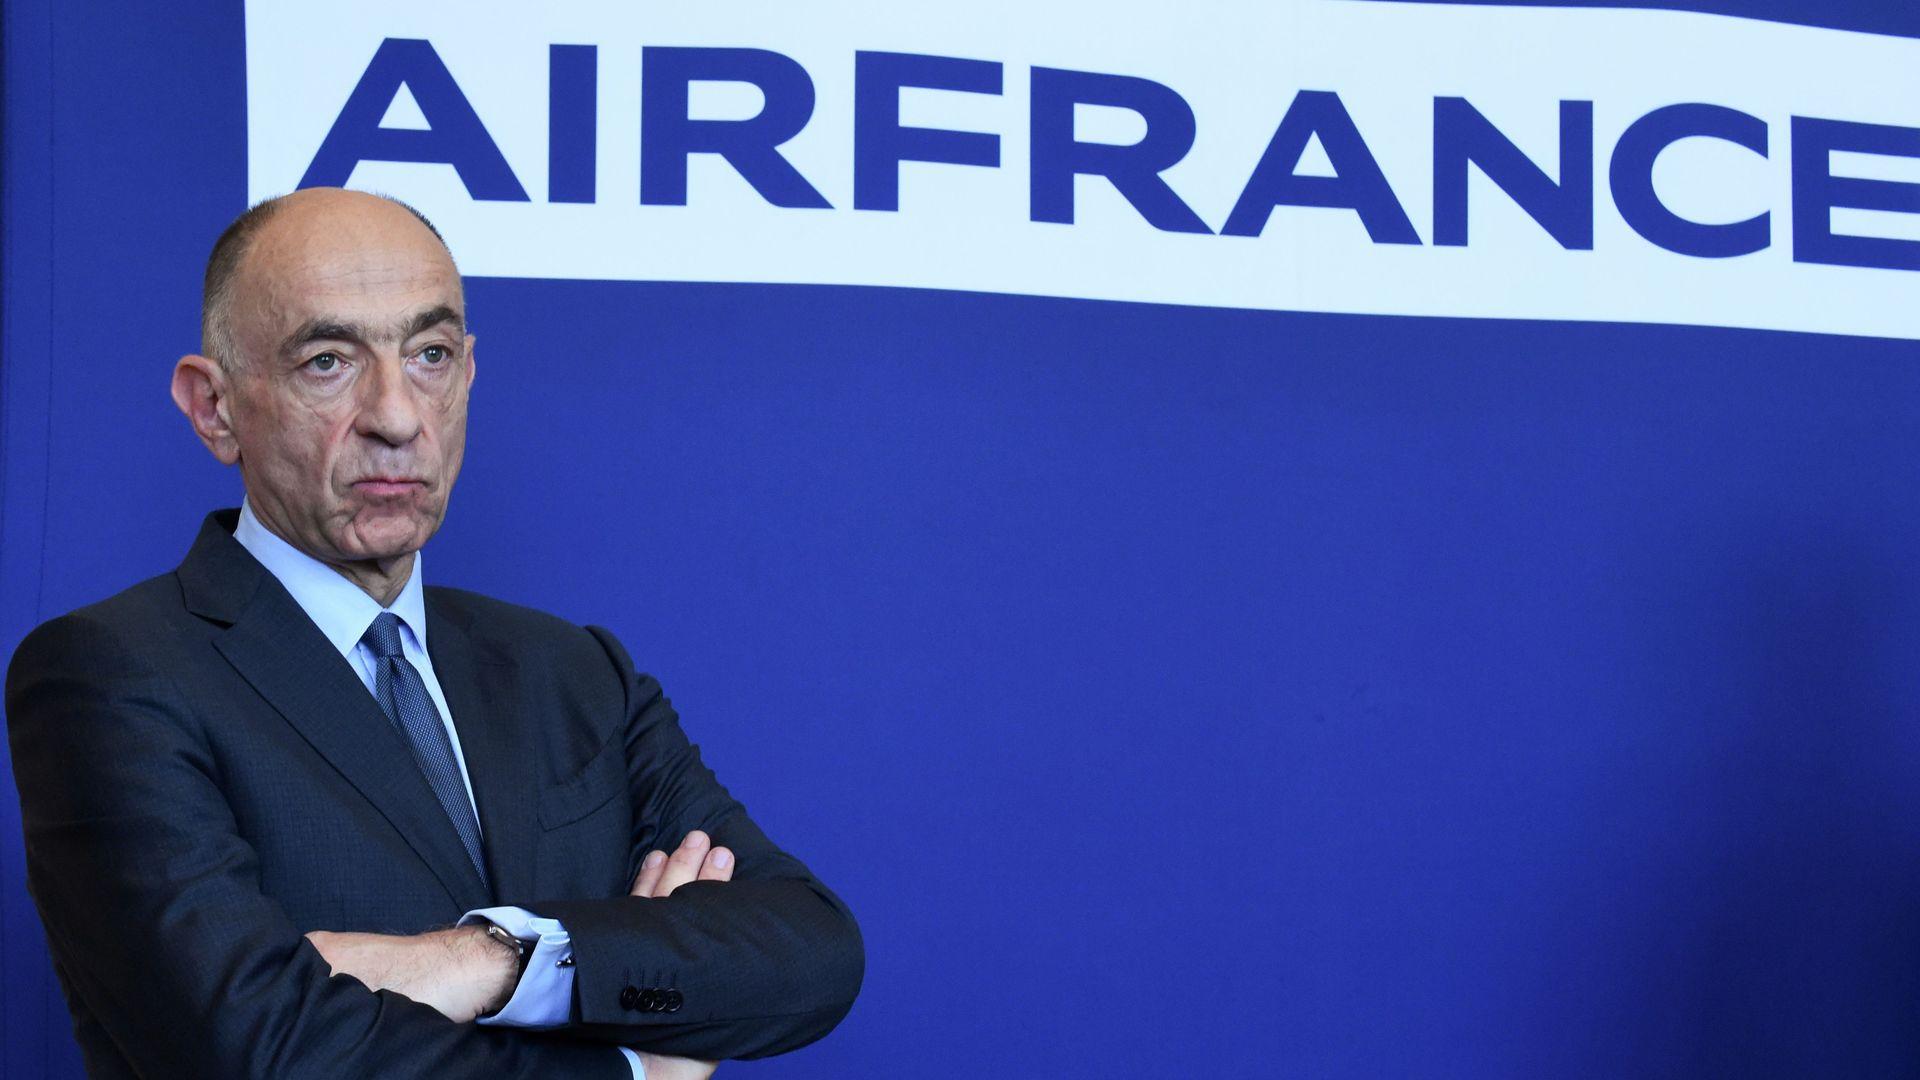 Air France CEO Jean-Marc Janaillac